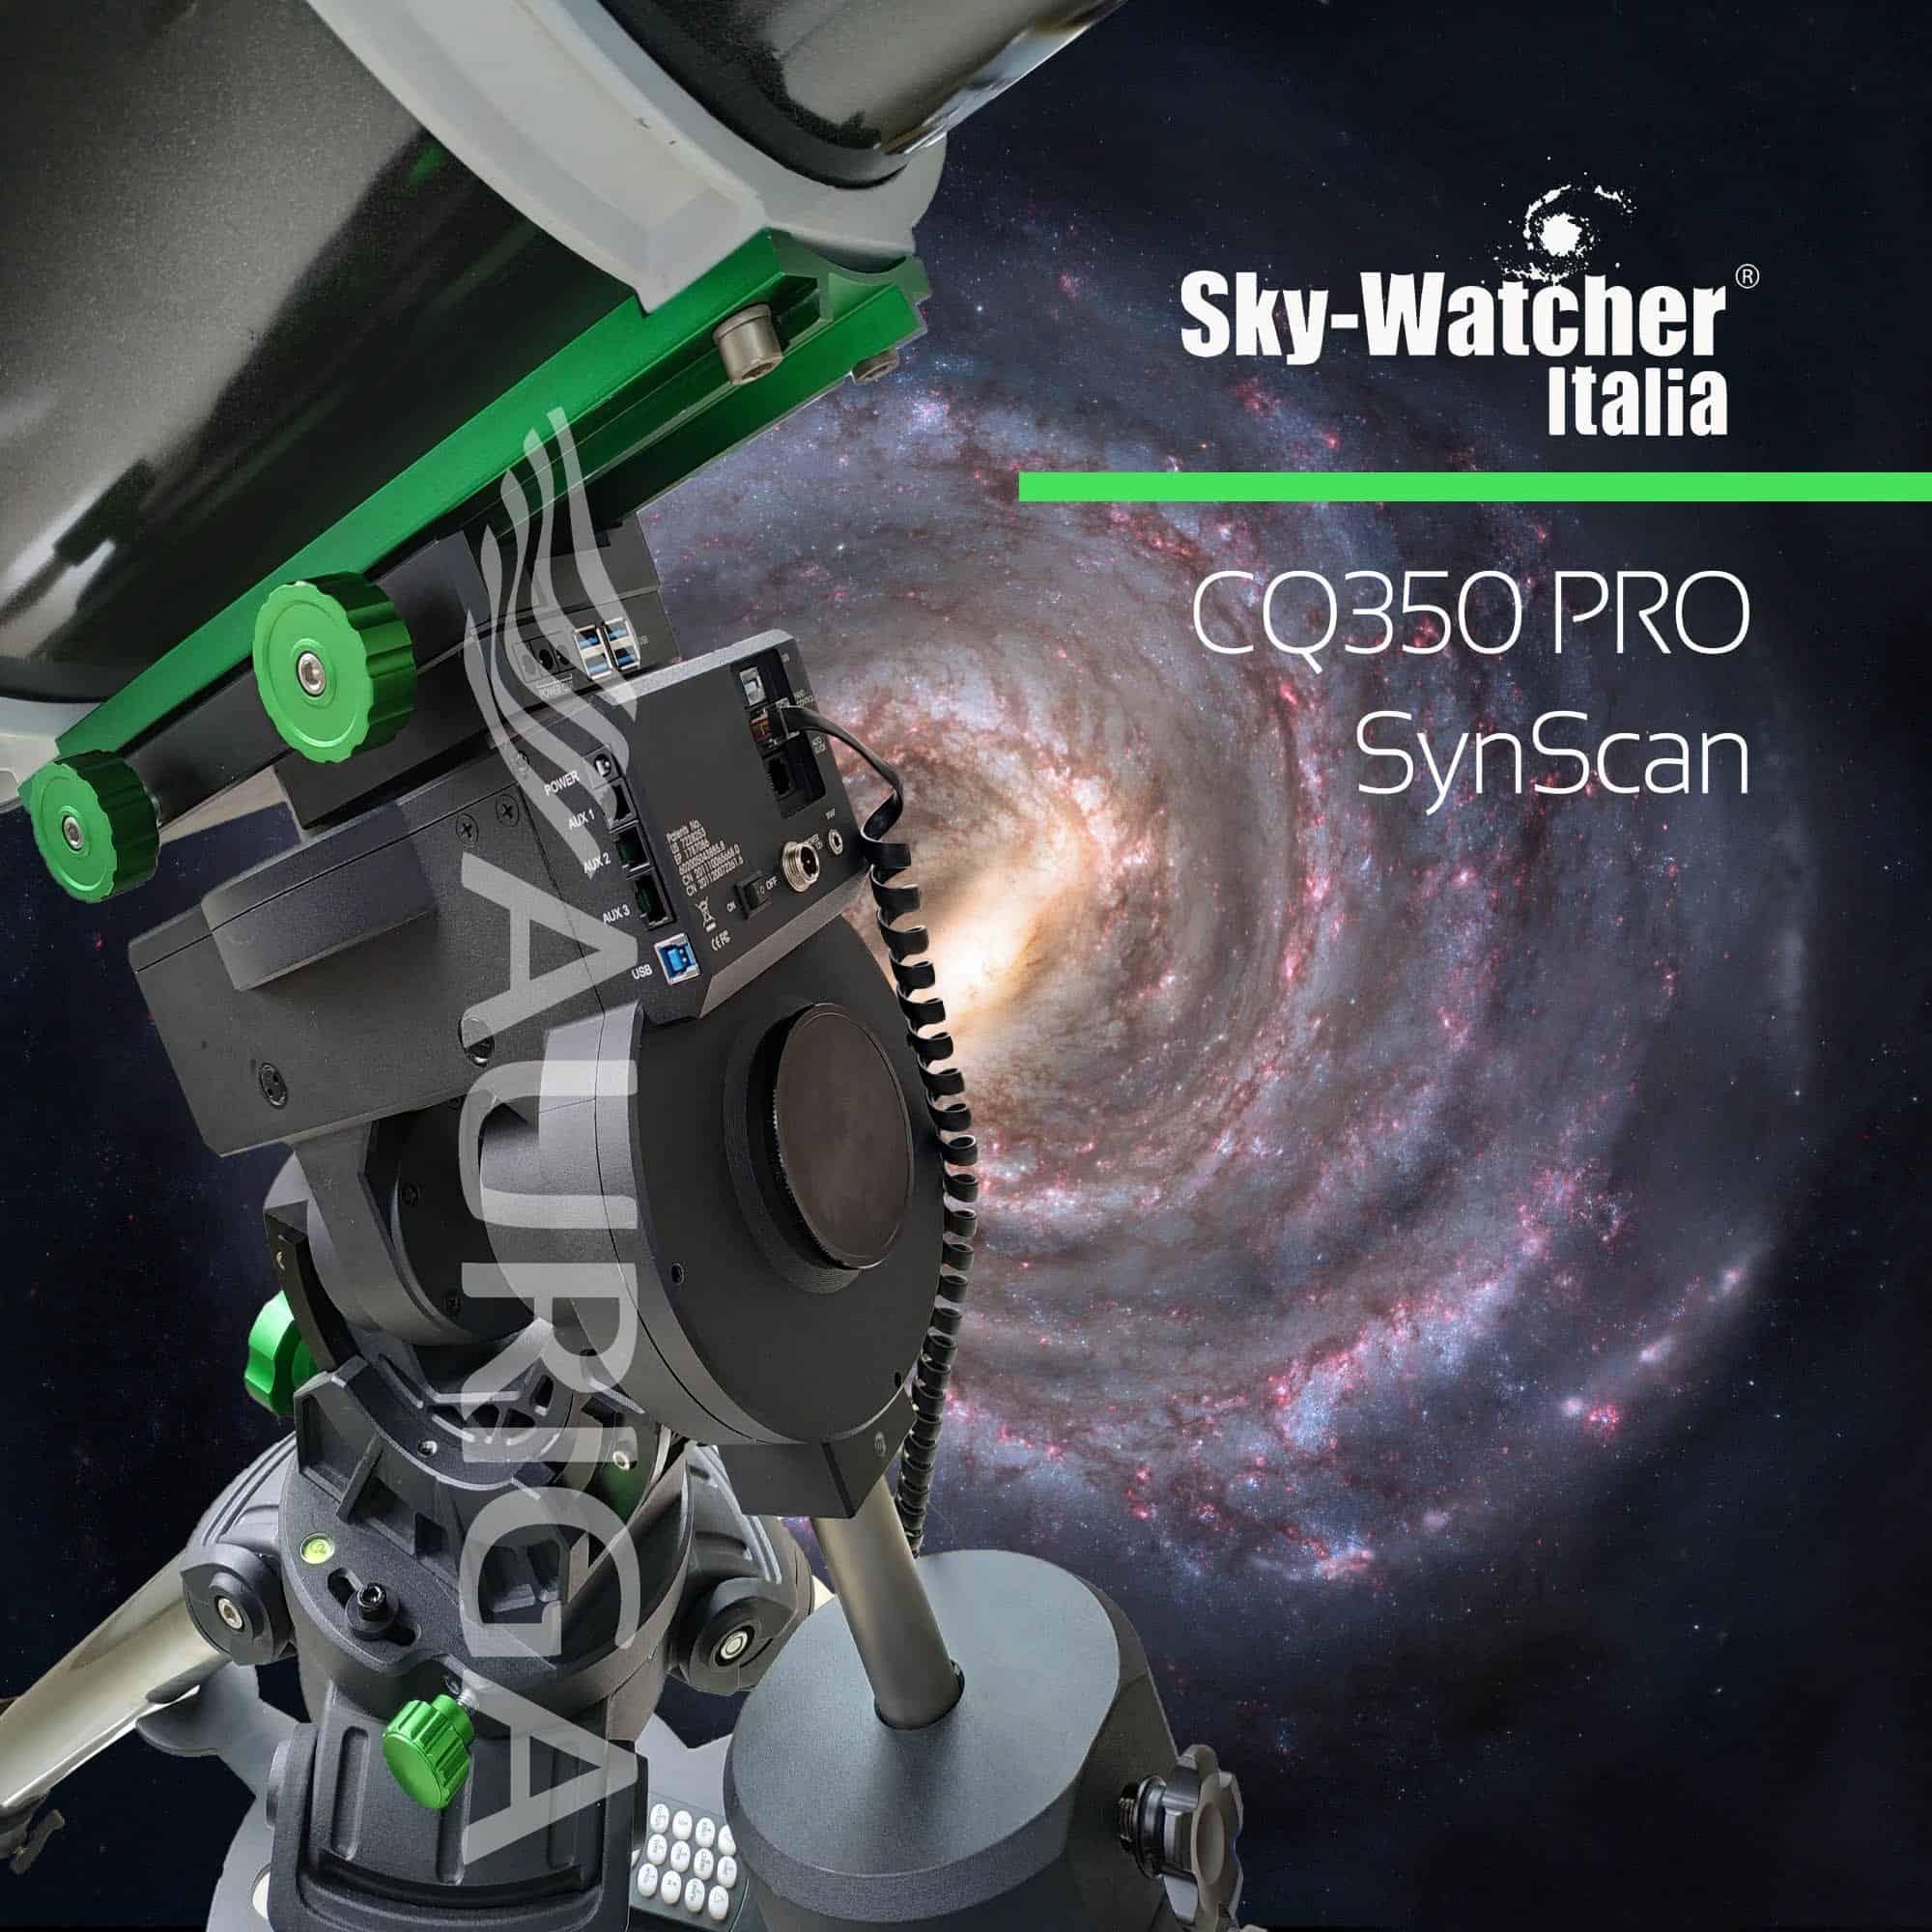 Caratteristiche tecniche e prezzi montatura Skywatcher CQ350 con sistema GOTO Synscan PRO